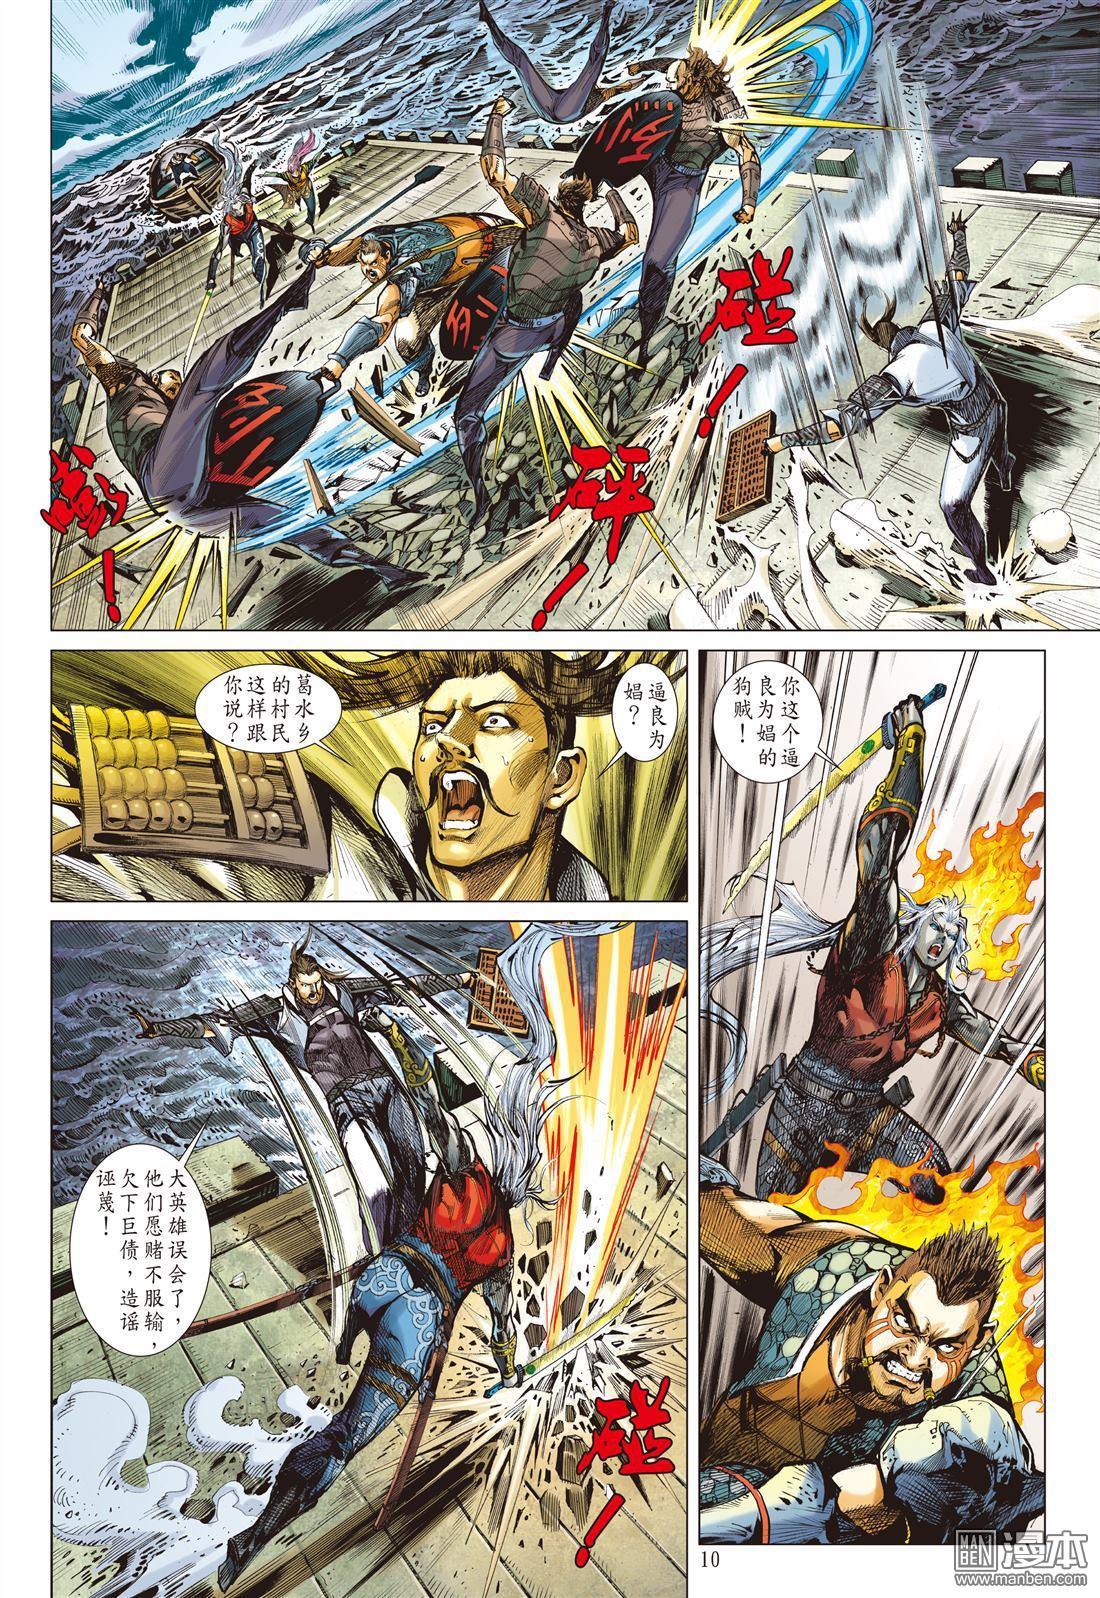 山海逆戰漫畫第50回:紫電狂雷(上)(第8頁)劇情-二次元動漫